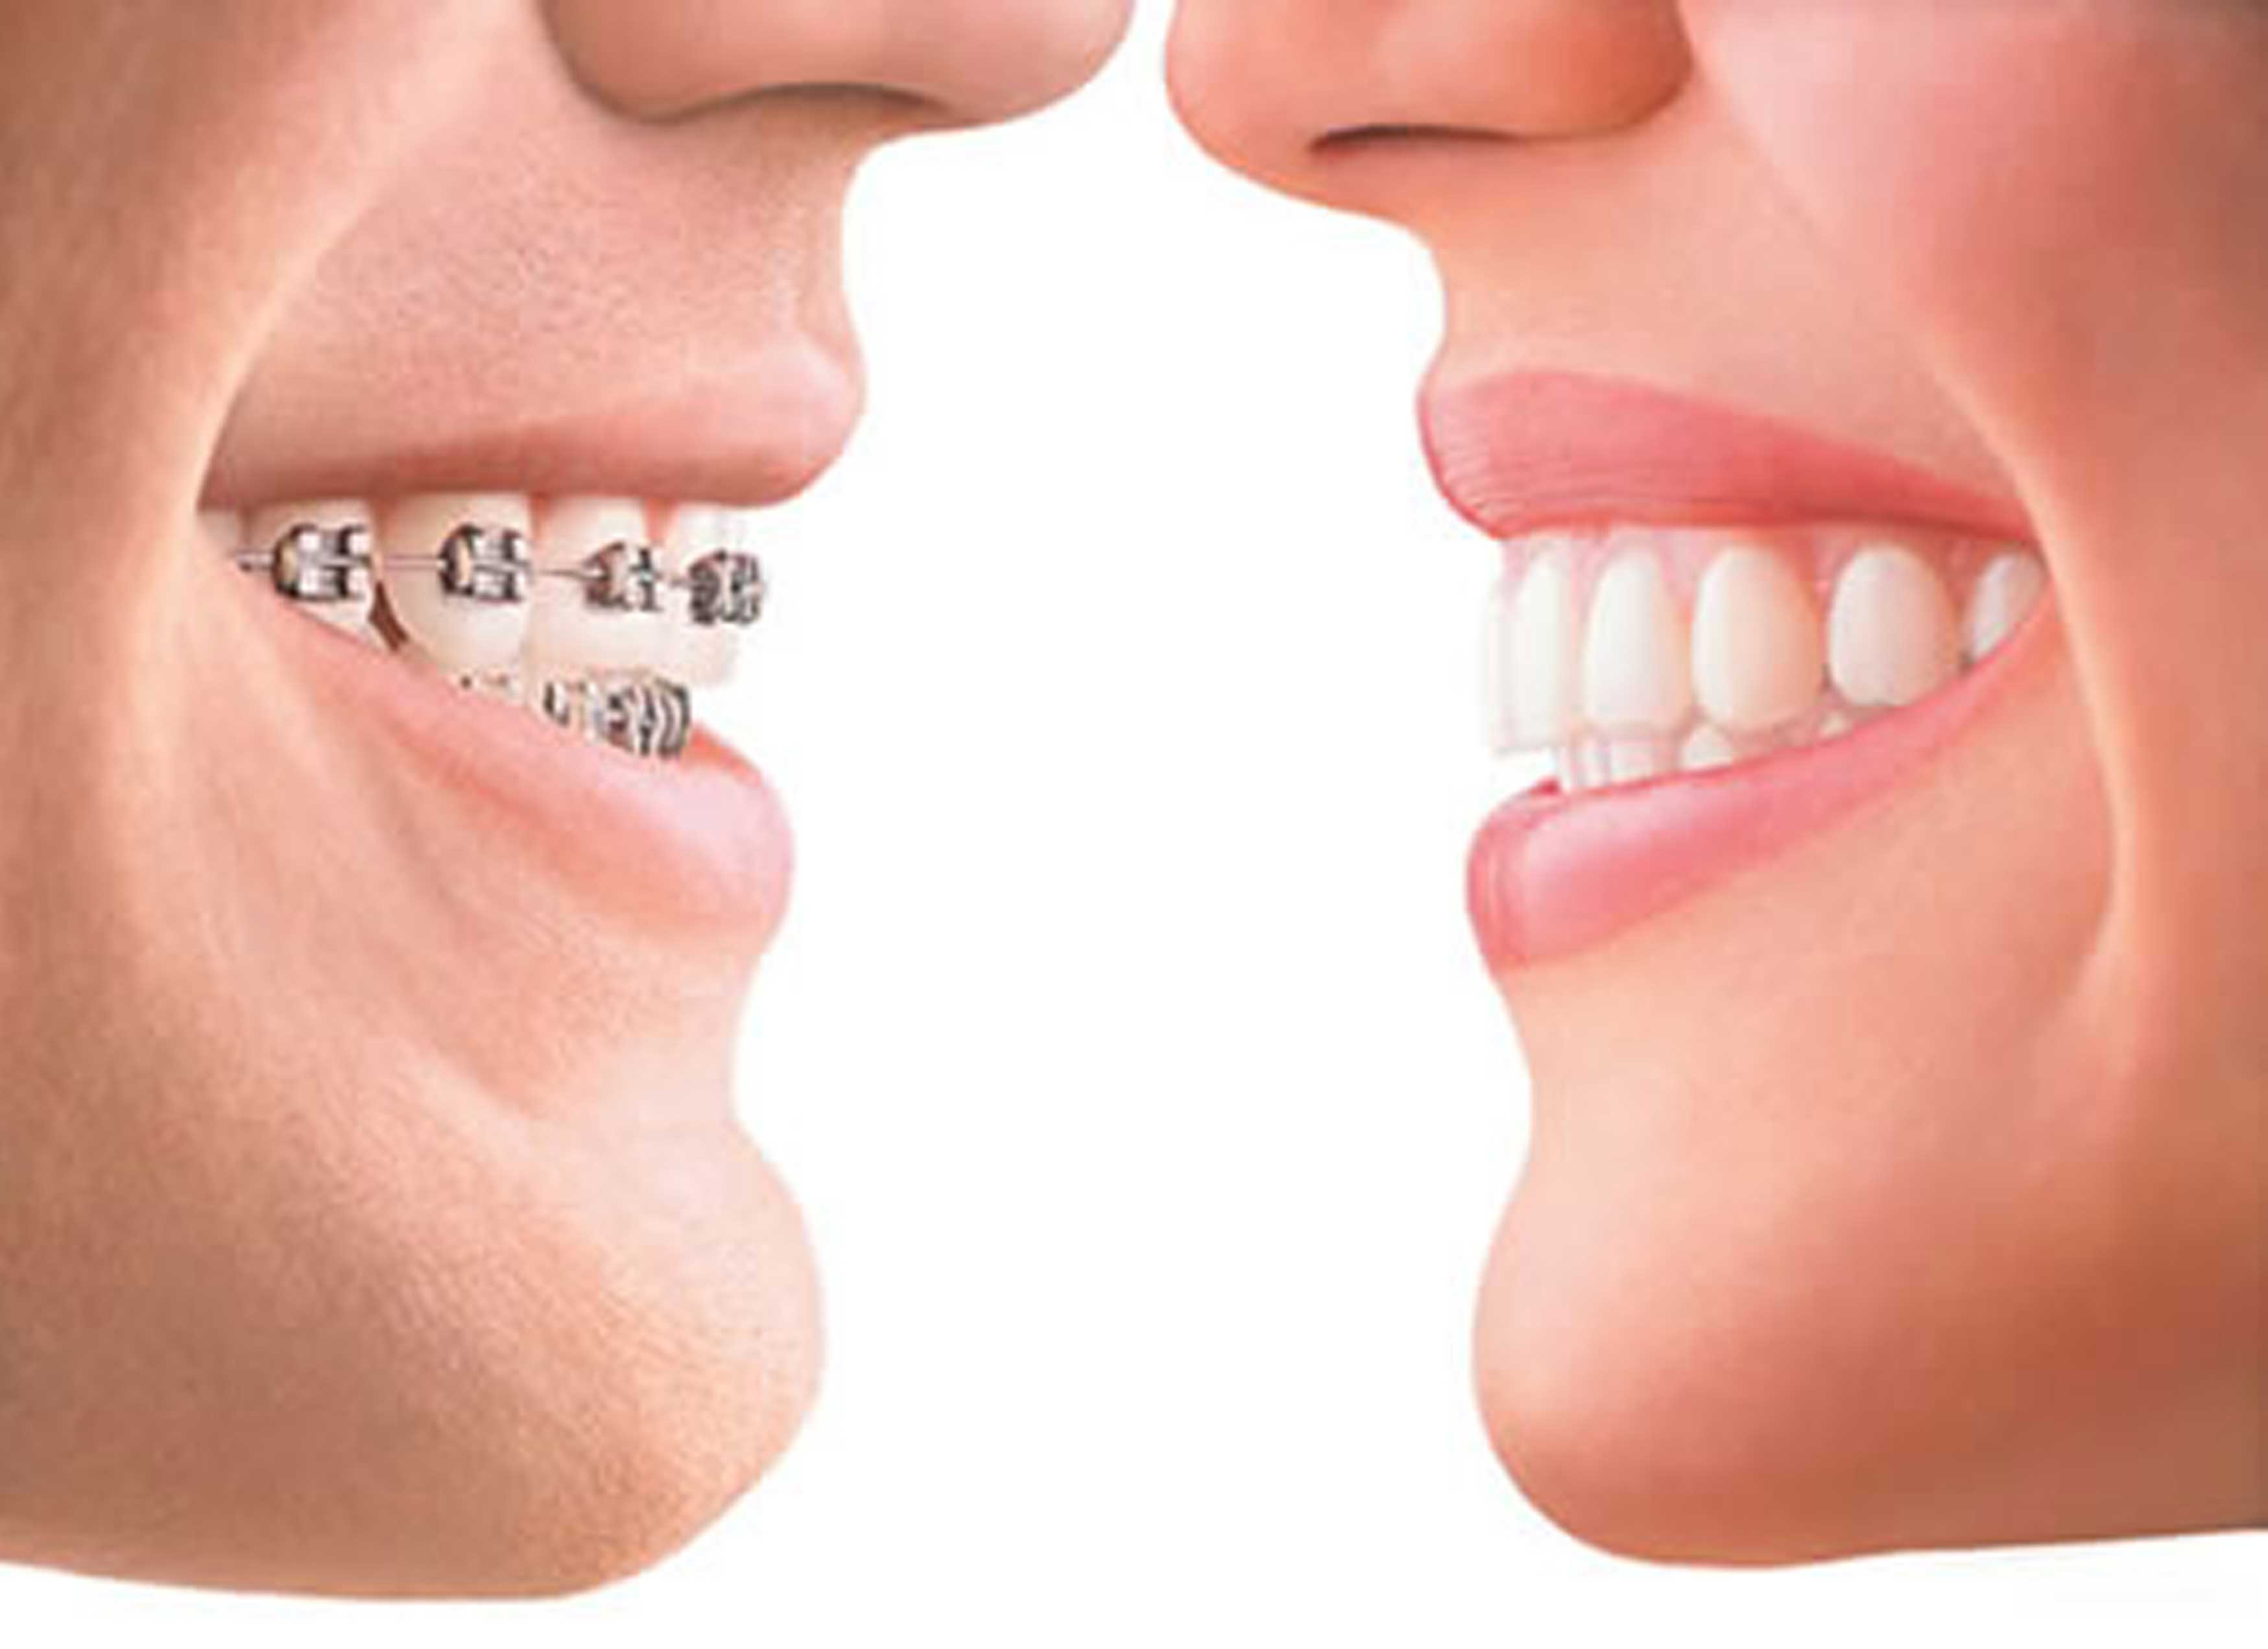 estetica-de-la-sonrisa-2 Estética de la sonrisa